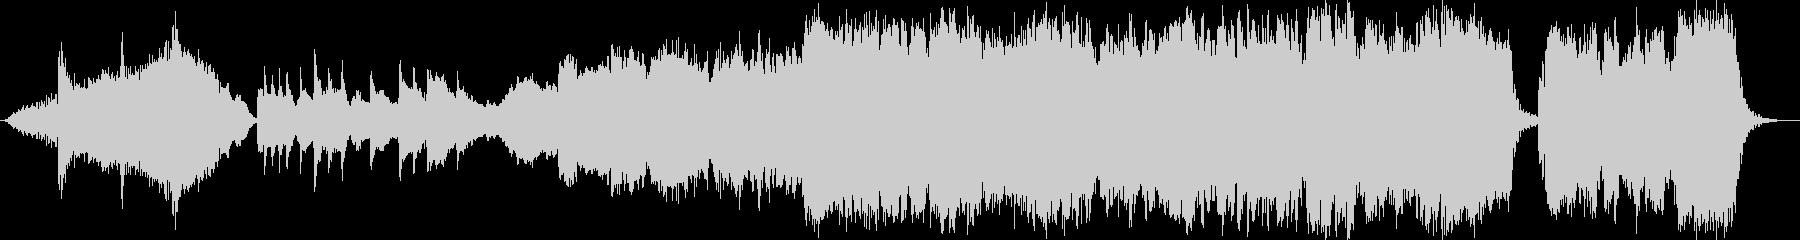 ピアノと生演奏尺八 感動のエンディングの未再生の波形